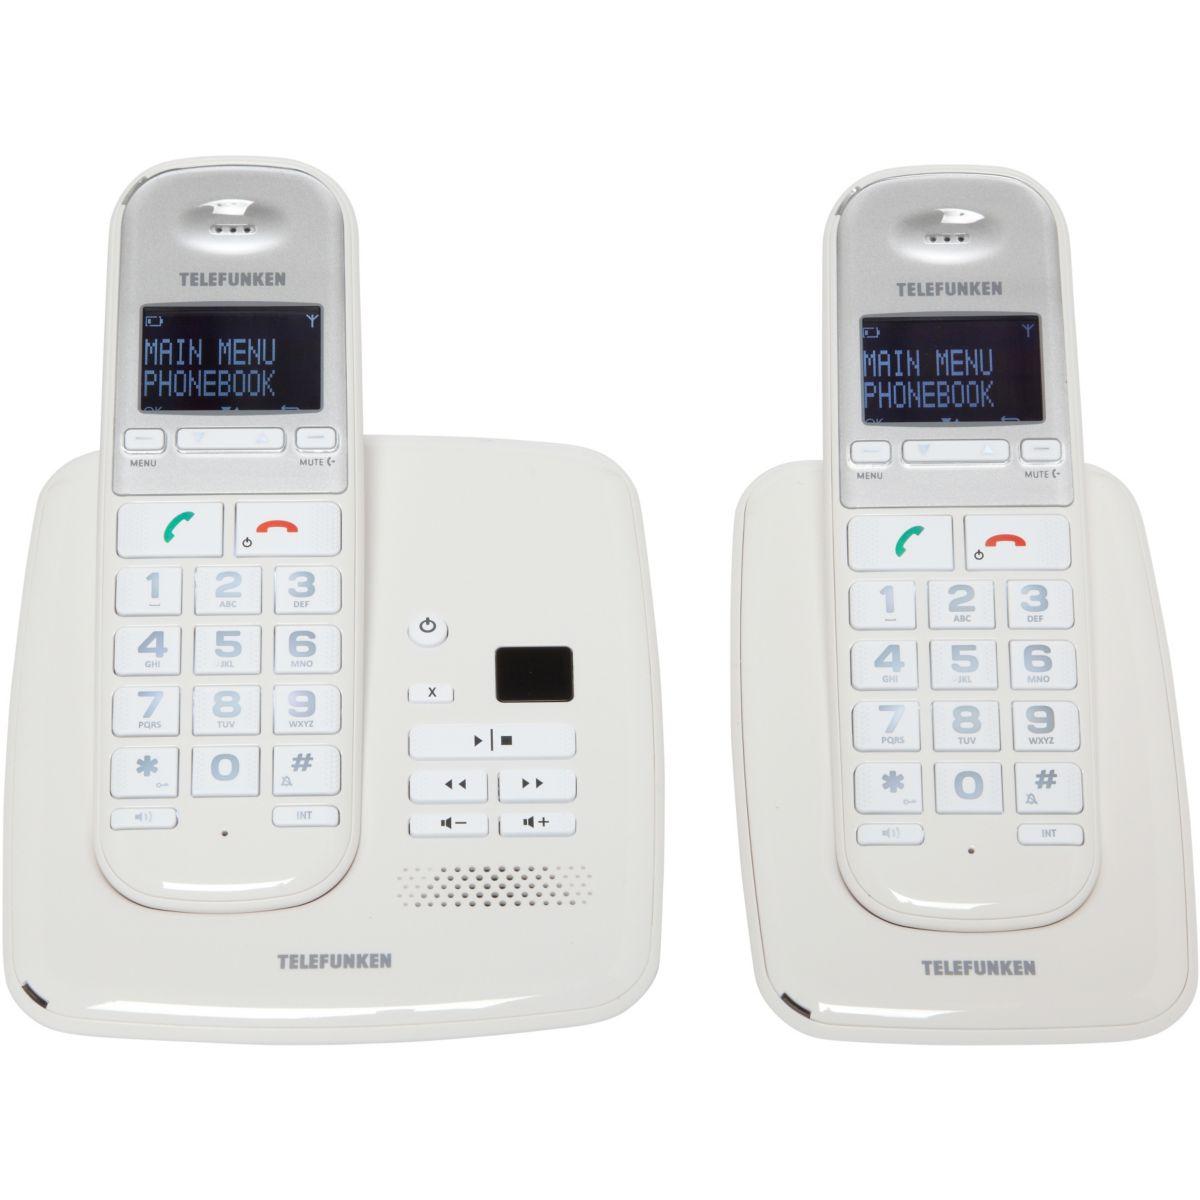 Téléphone répondeur sans fil duo telefunken pillow td352 blanc - 10% de remise immédiate avec le code : multi10 (photo)